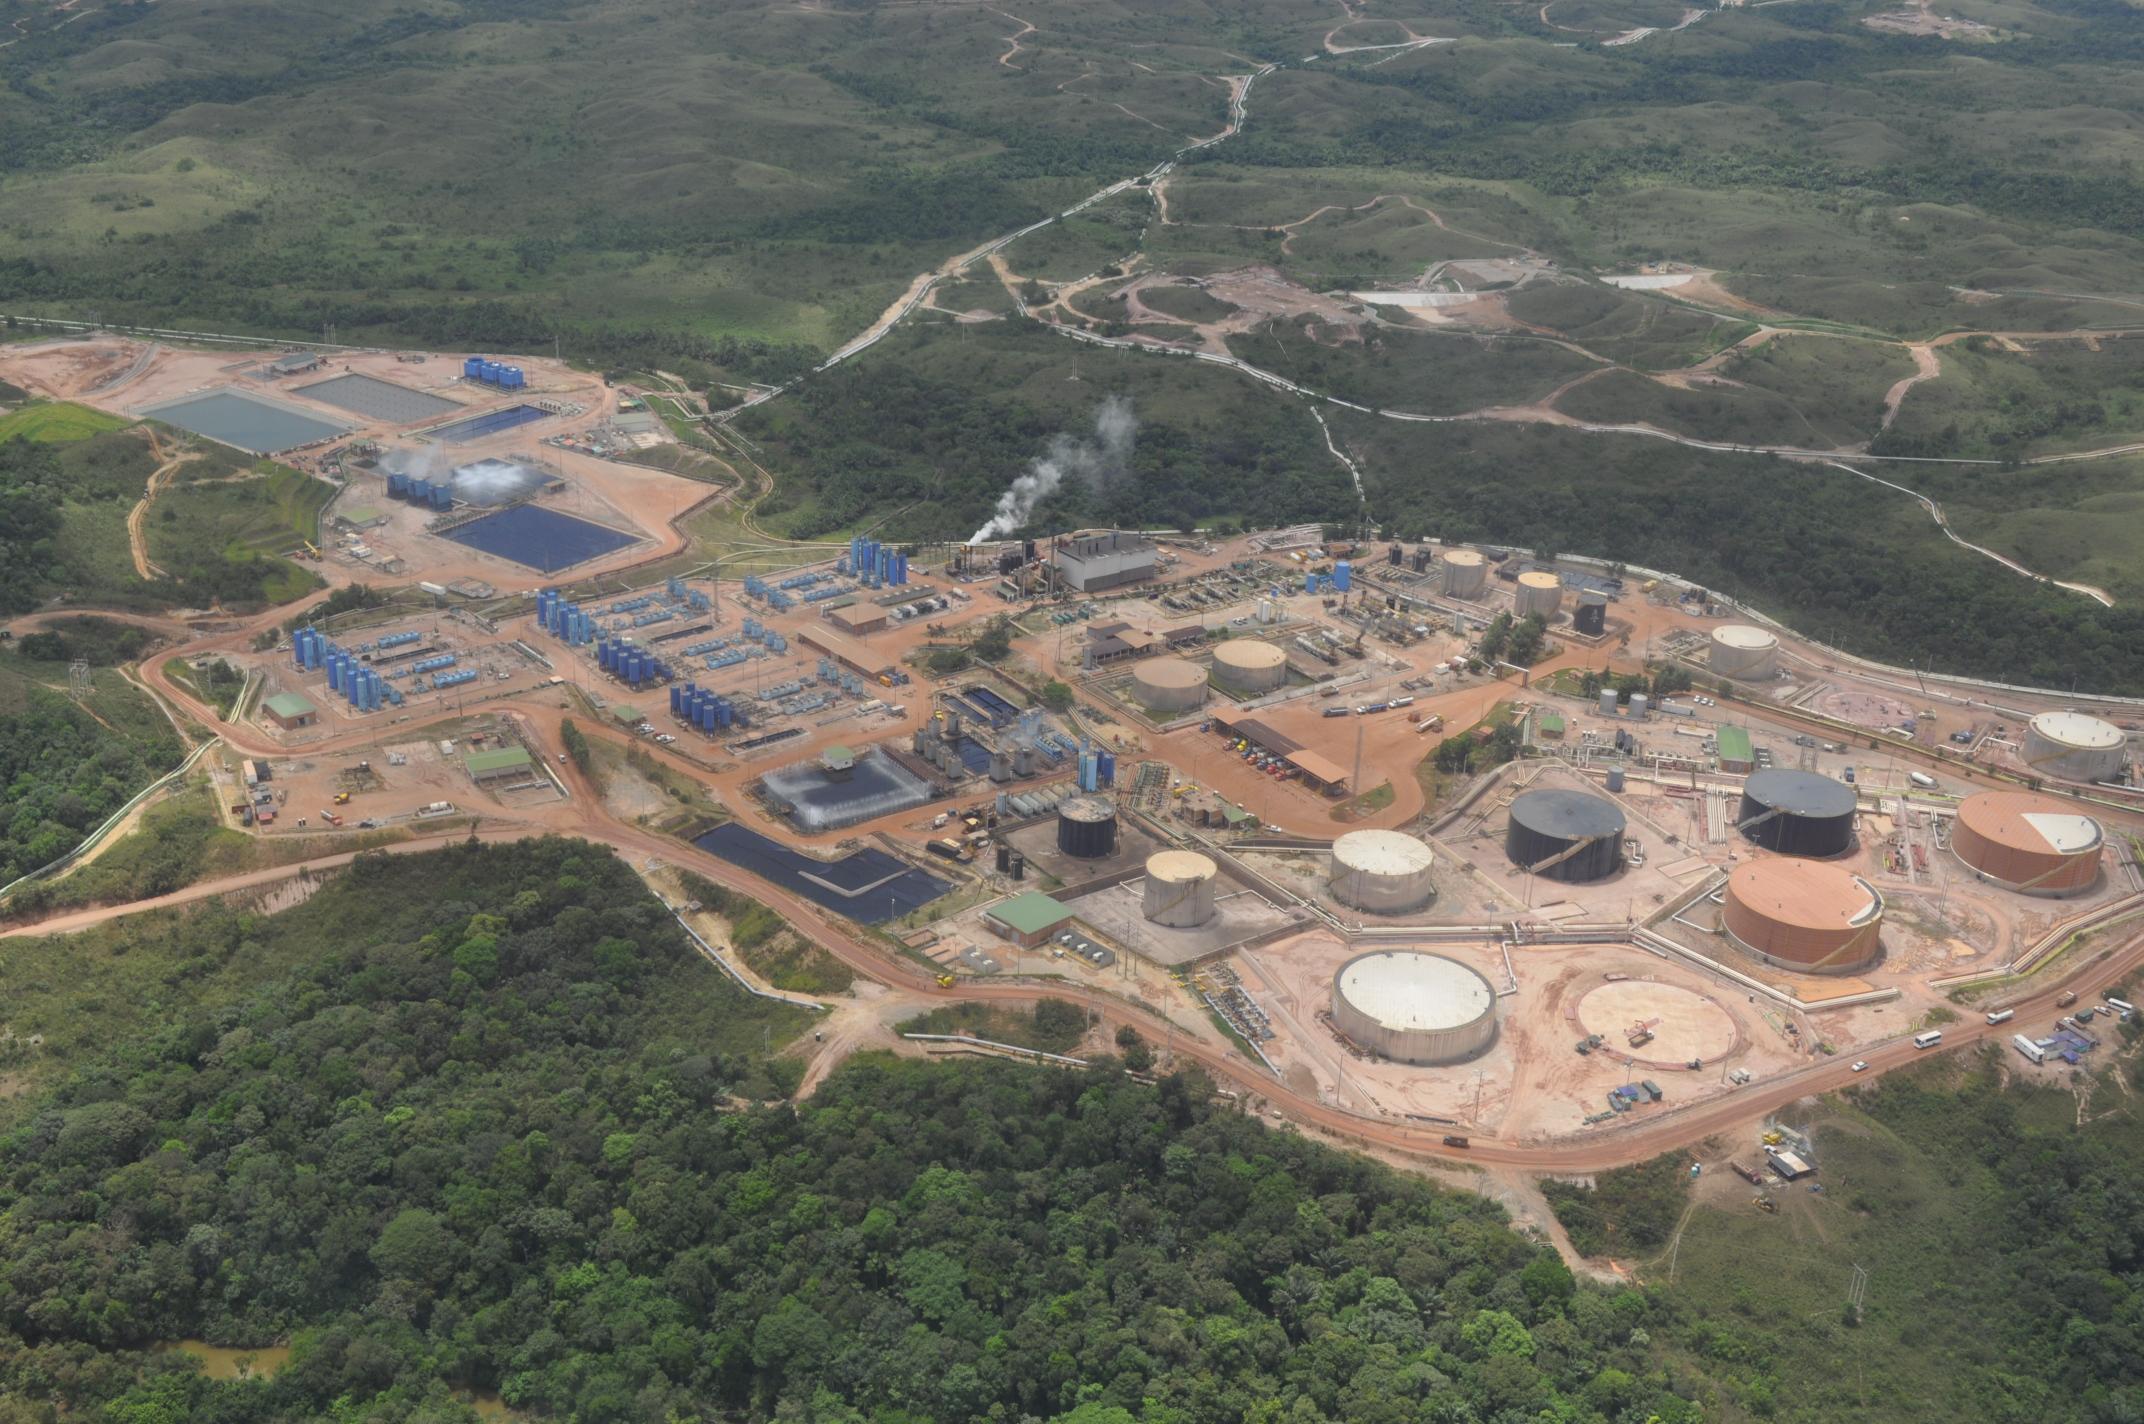 Más barriles extractados de campo petrolero Caño Sur. Ecopetrol alcanzó record de producción | Economía | EL FRENTE